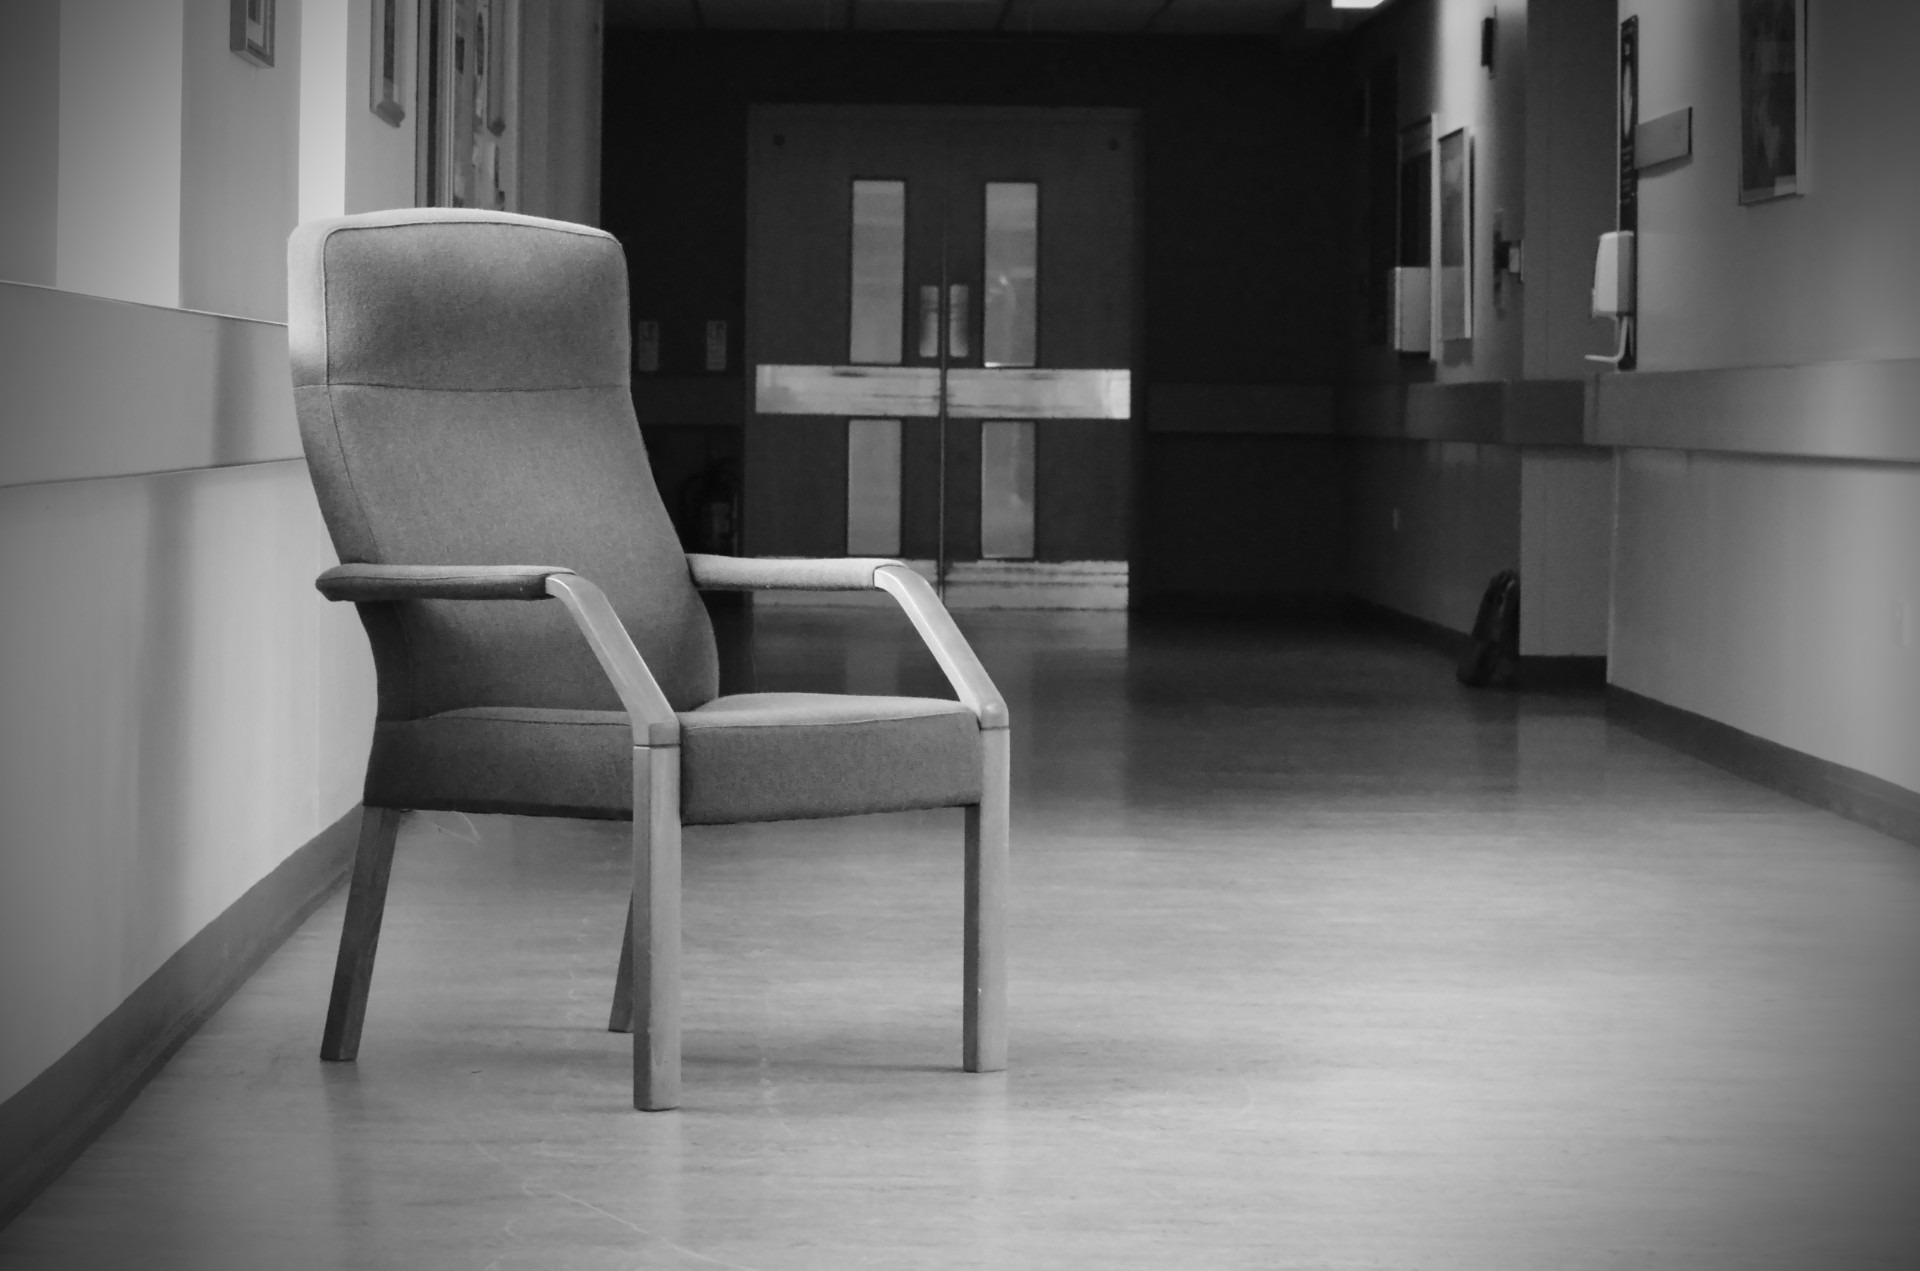 В поликлинике в Москве запретили ёрзать на стульях, но быстро передумали